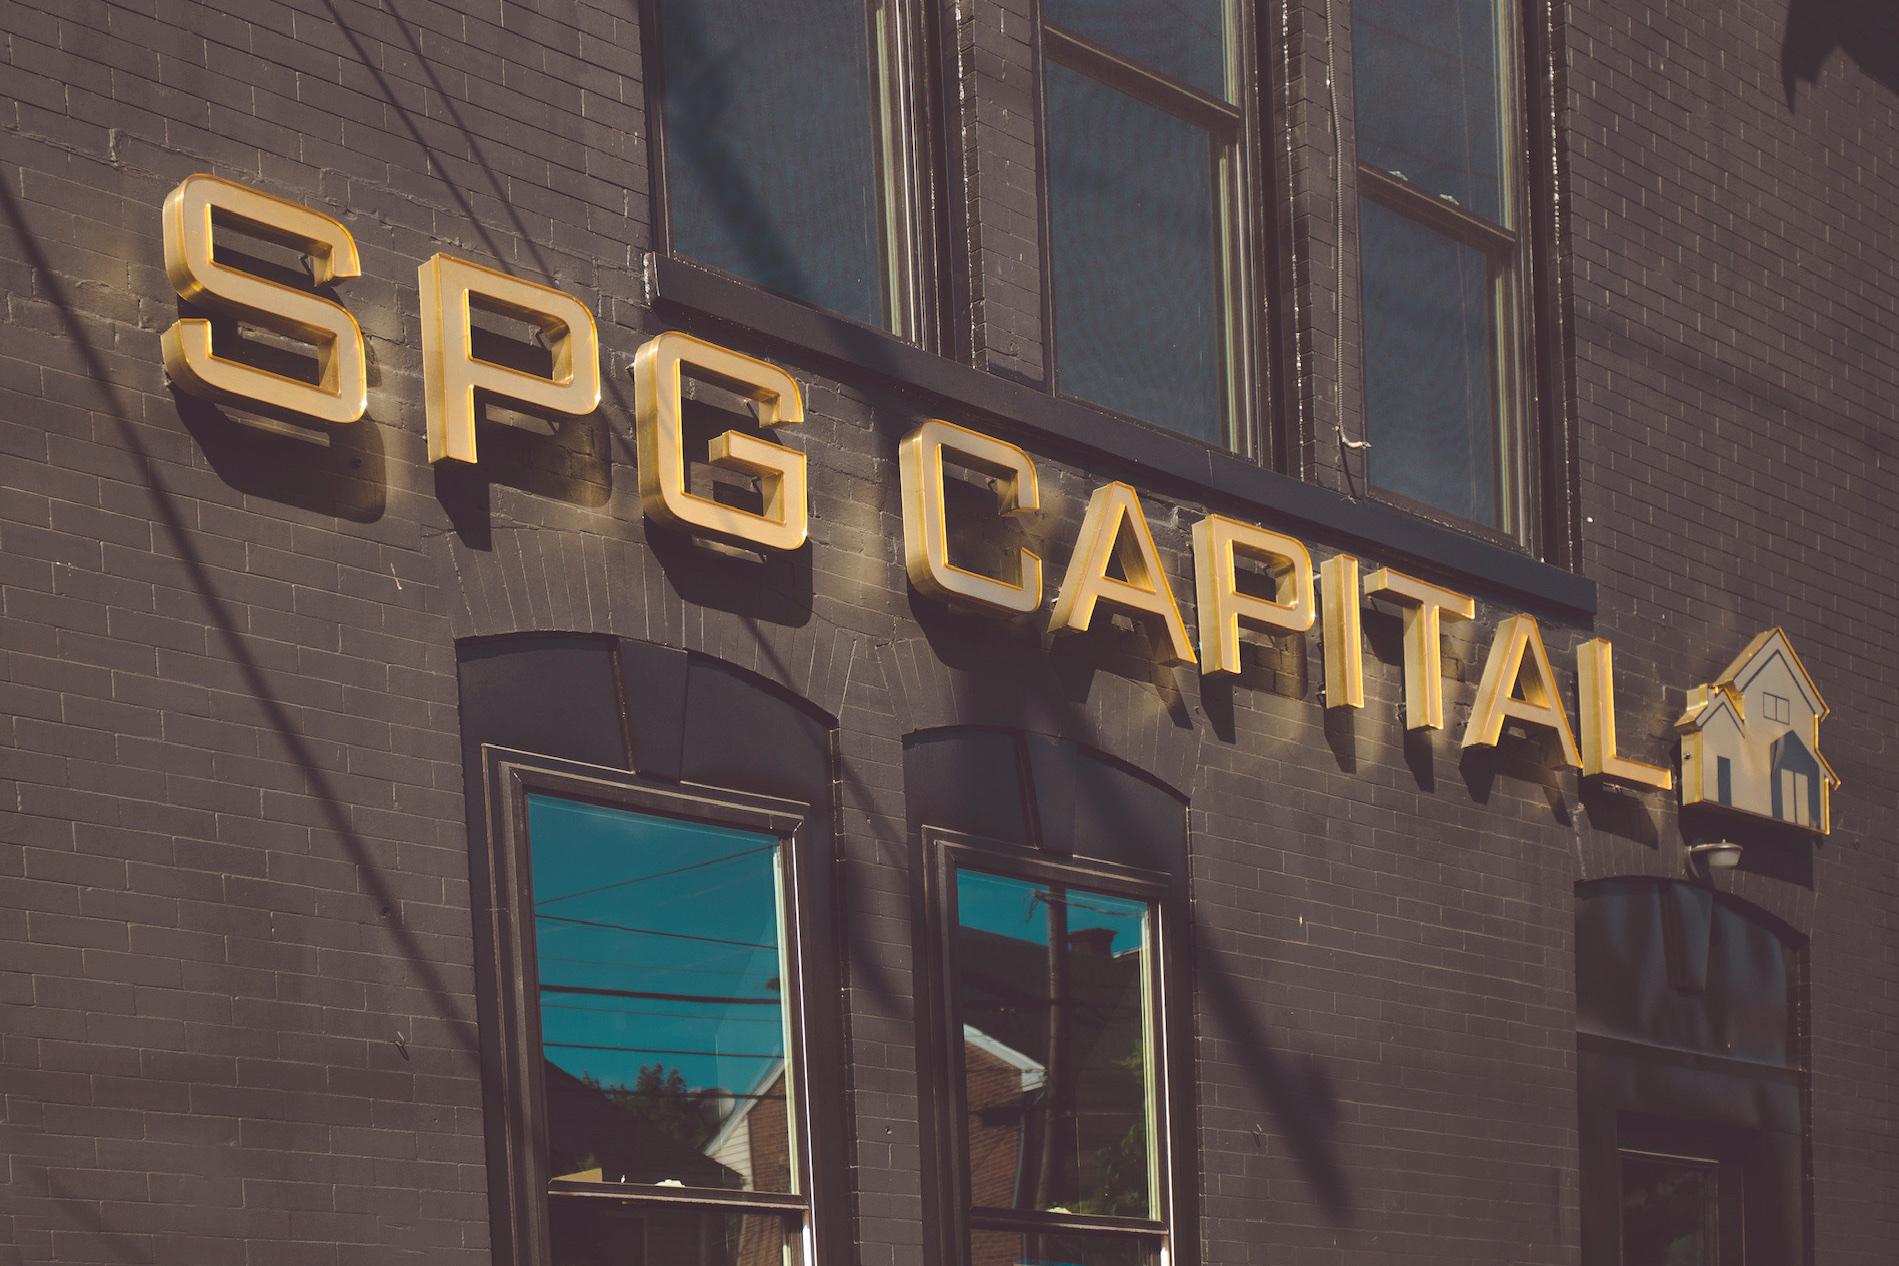 spgcapital.jpg